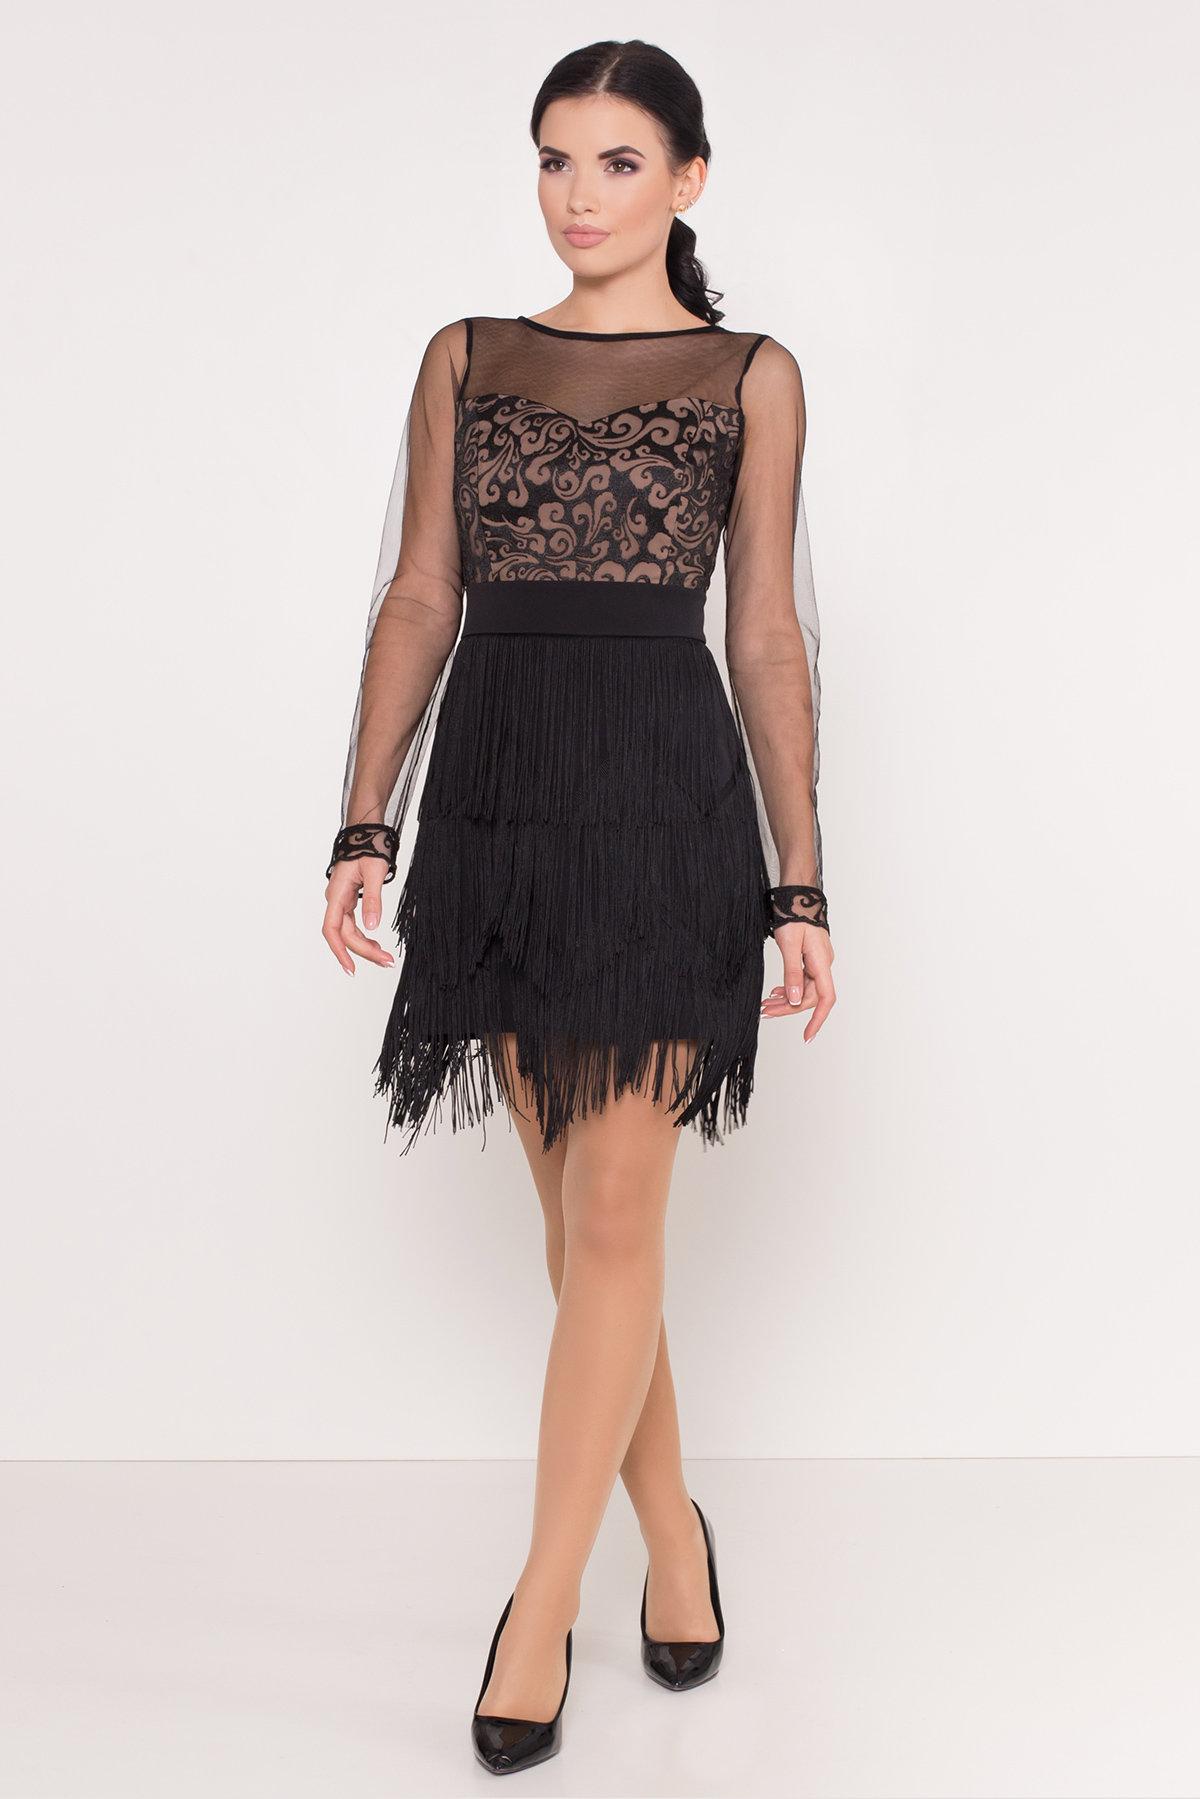 Платье Херви 8560 АРТ. 44884 Цвет: Черный - фото 1, интернет магазин tm-modus.ru